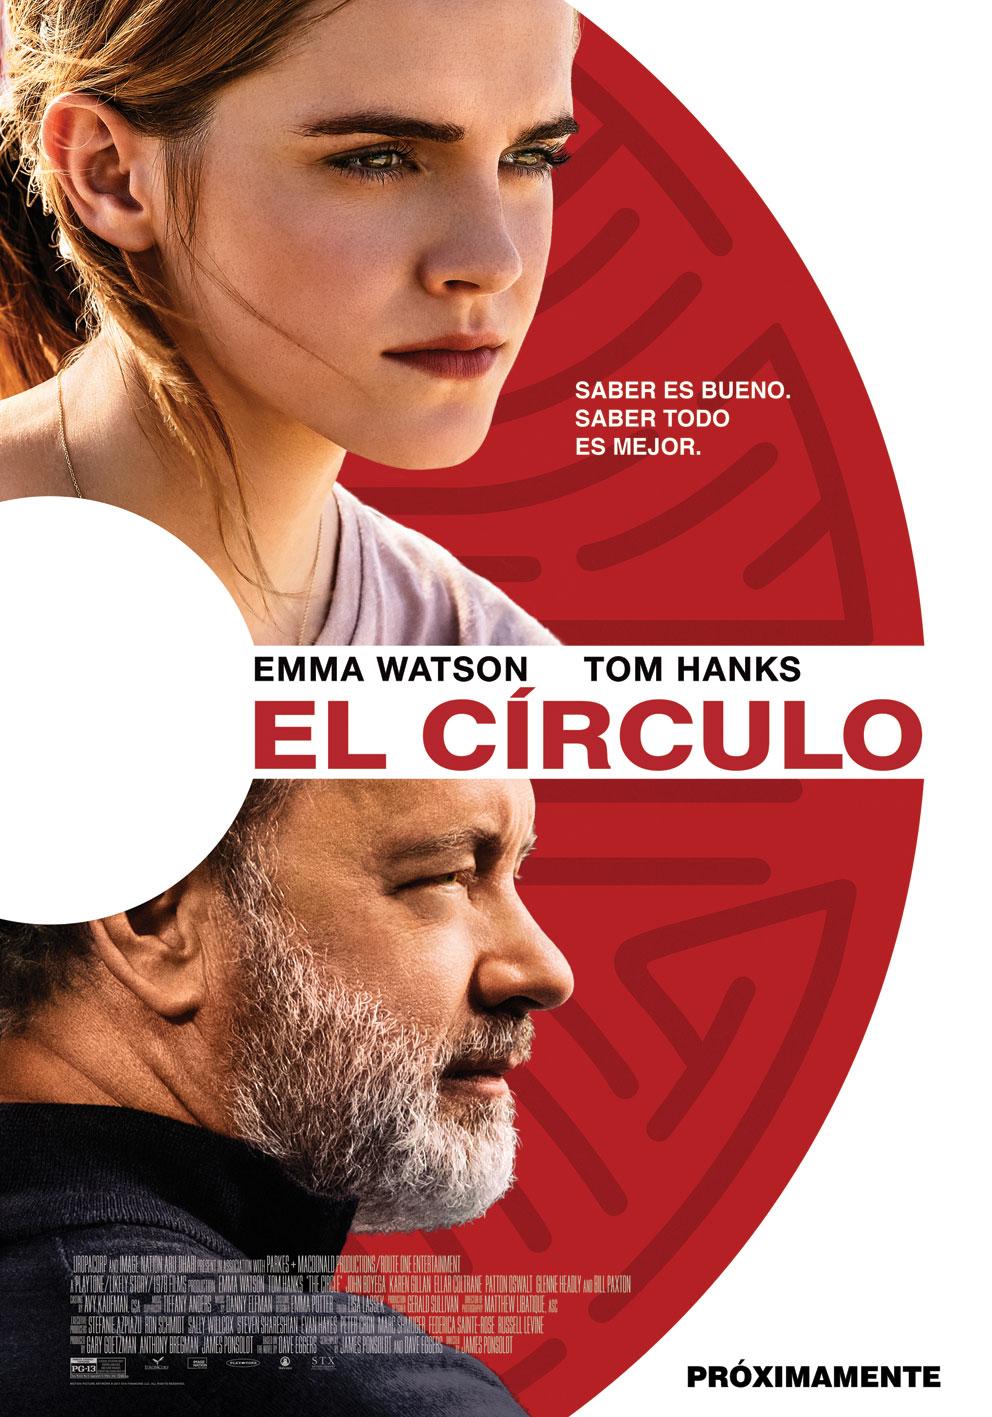 http://www.andesfilms.com.pe/el-circulo-2/